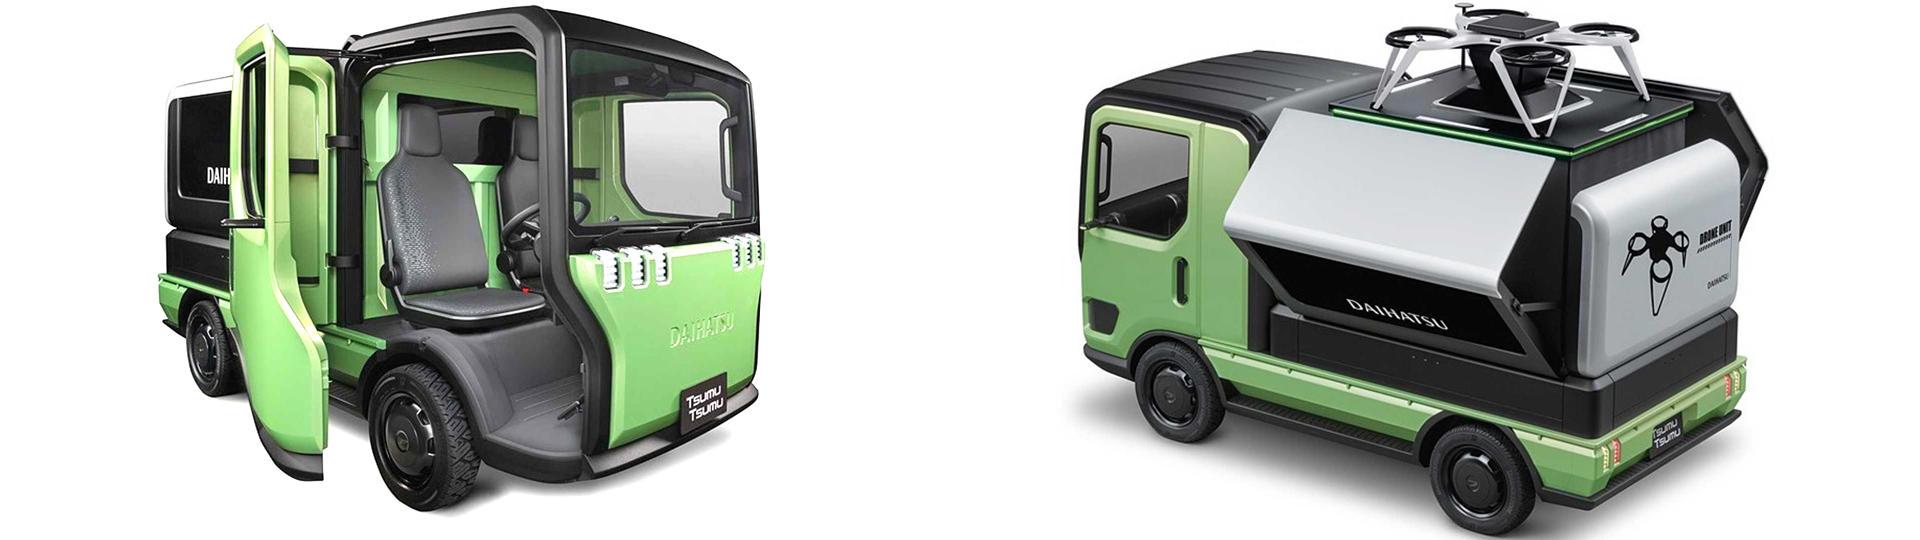 Выводок покемонов Daihatsu